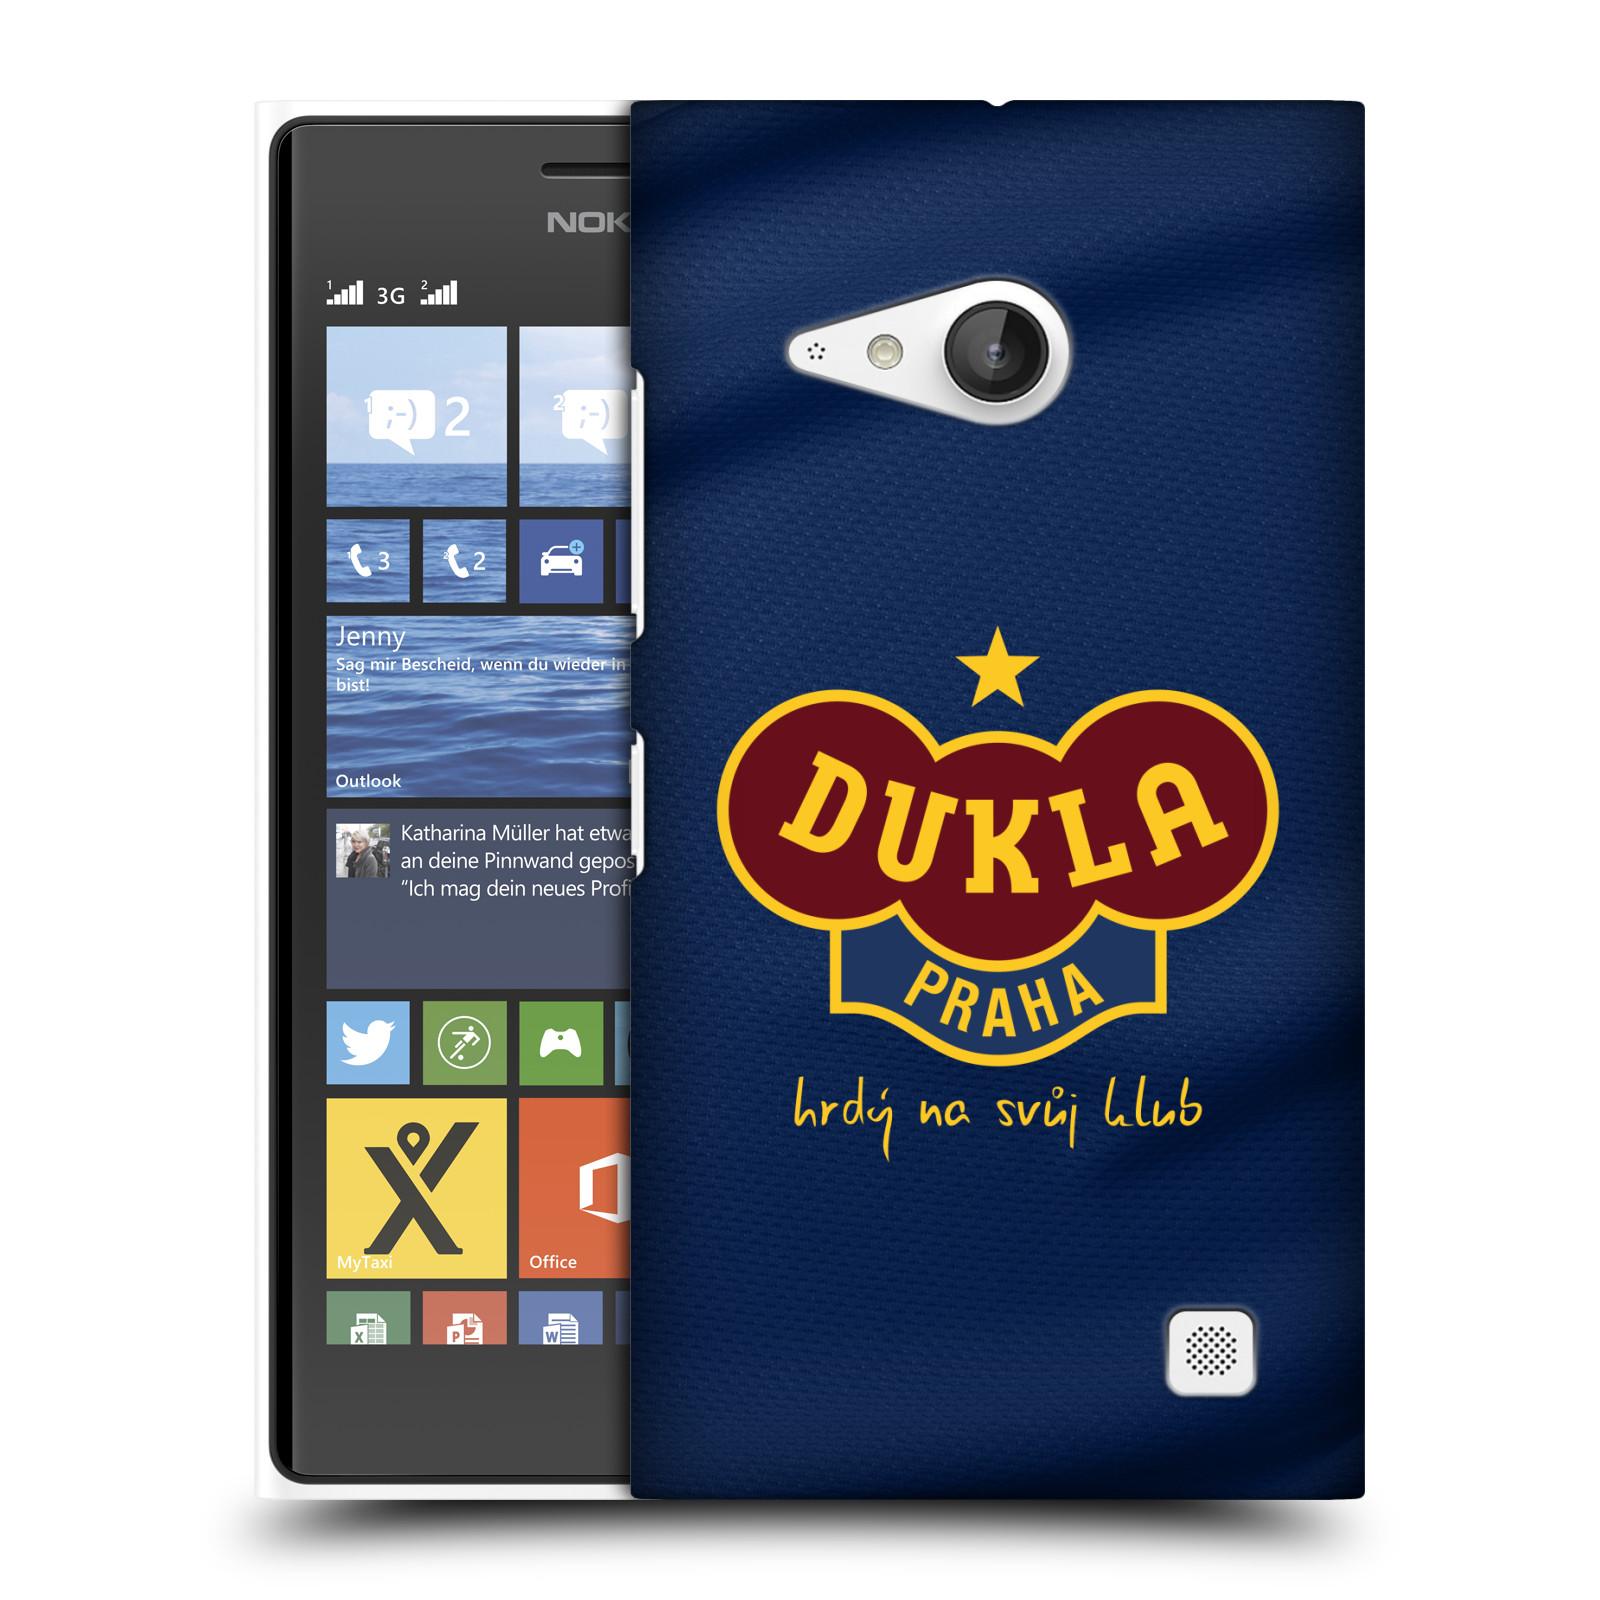 Plastové pouzdro na mobil Nokia Lumia 730 Dual SIM - FK Dukla Praha - Modrý dres (Plastový kryt či obal na mobilní telefon s oficiálním motivem FK Dukla Praha - Modrý dres pro Nokia Lumia 730 Dual SIM)